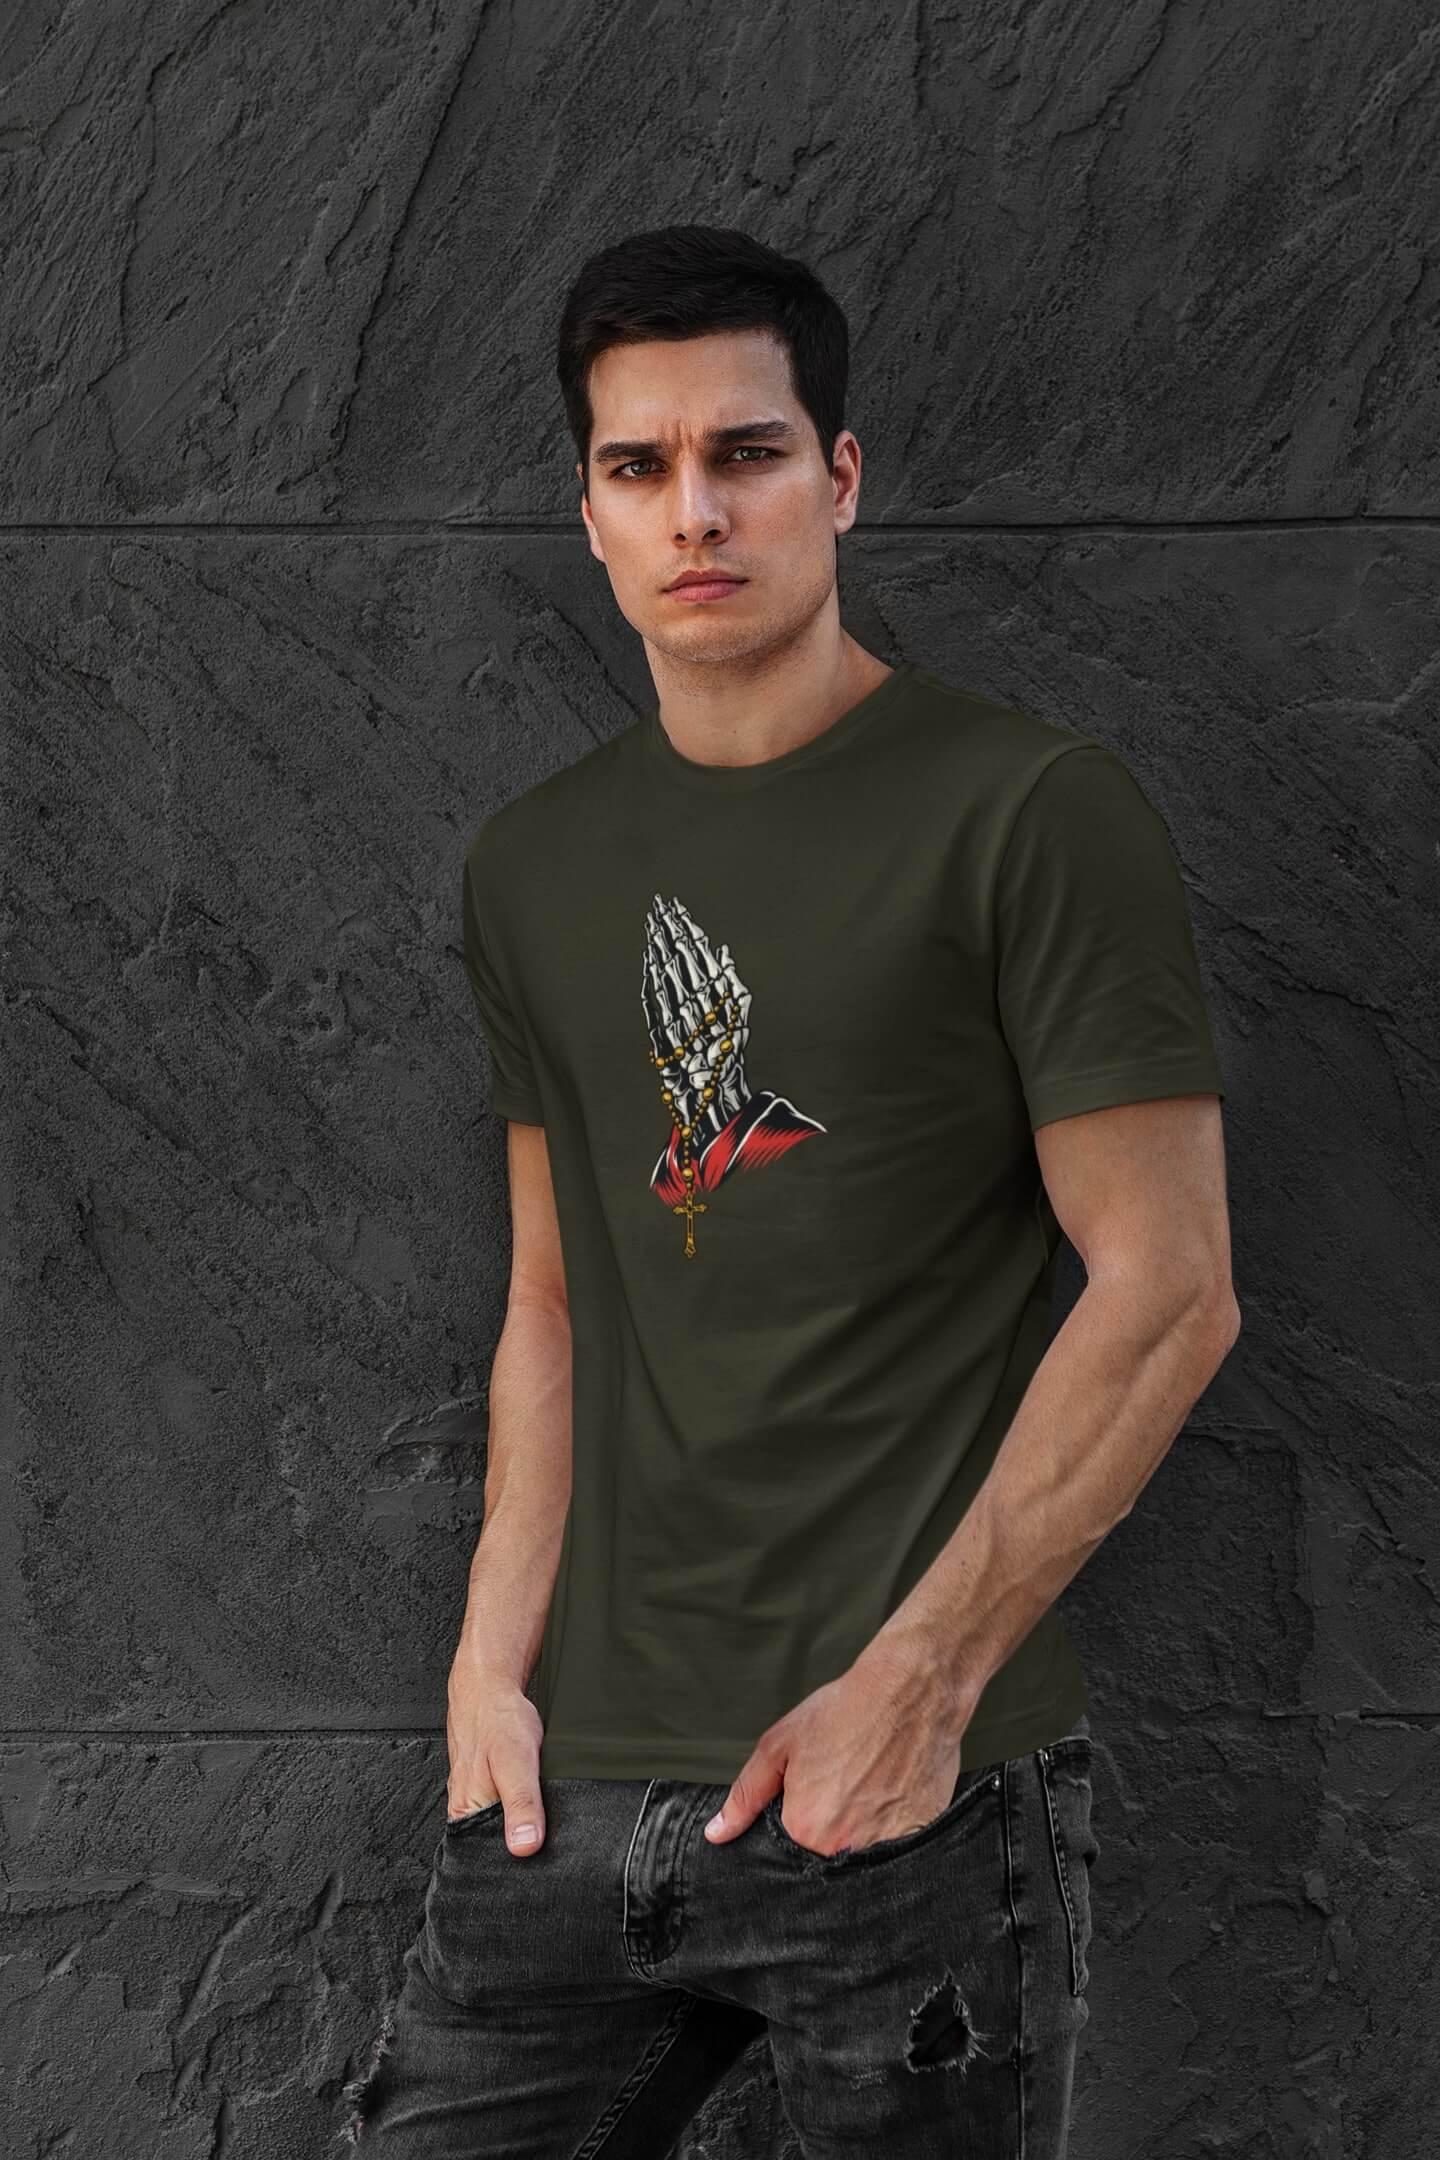 MMO Pánske tričko Ruky Vyberte farbu: Military, Vyberte veľkosť: XS